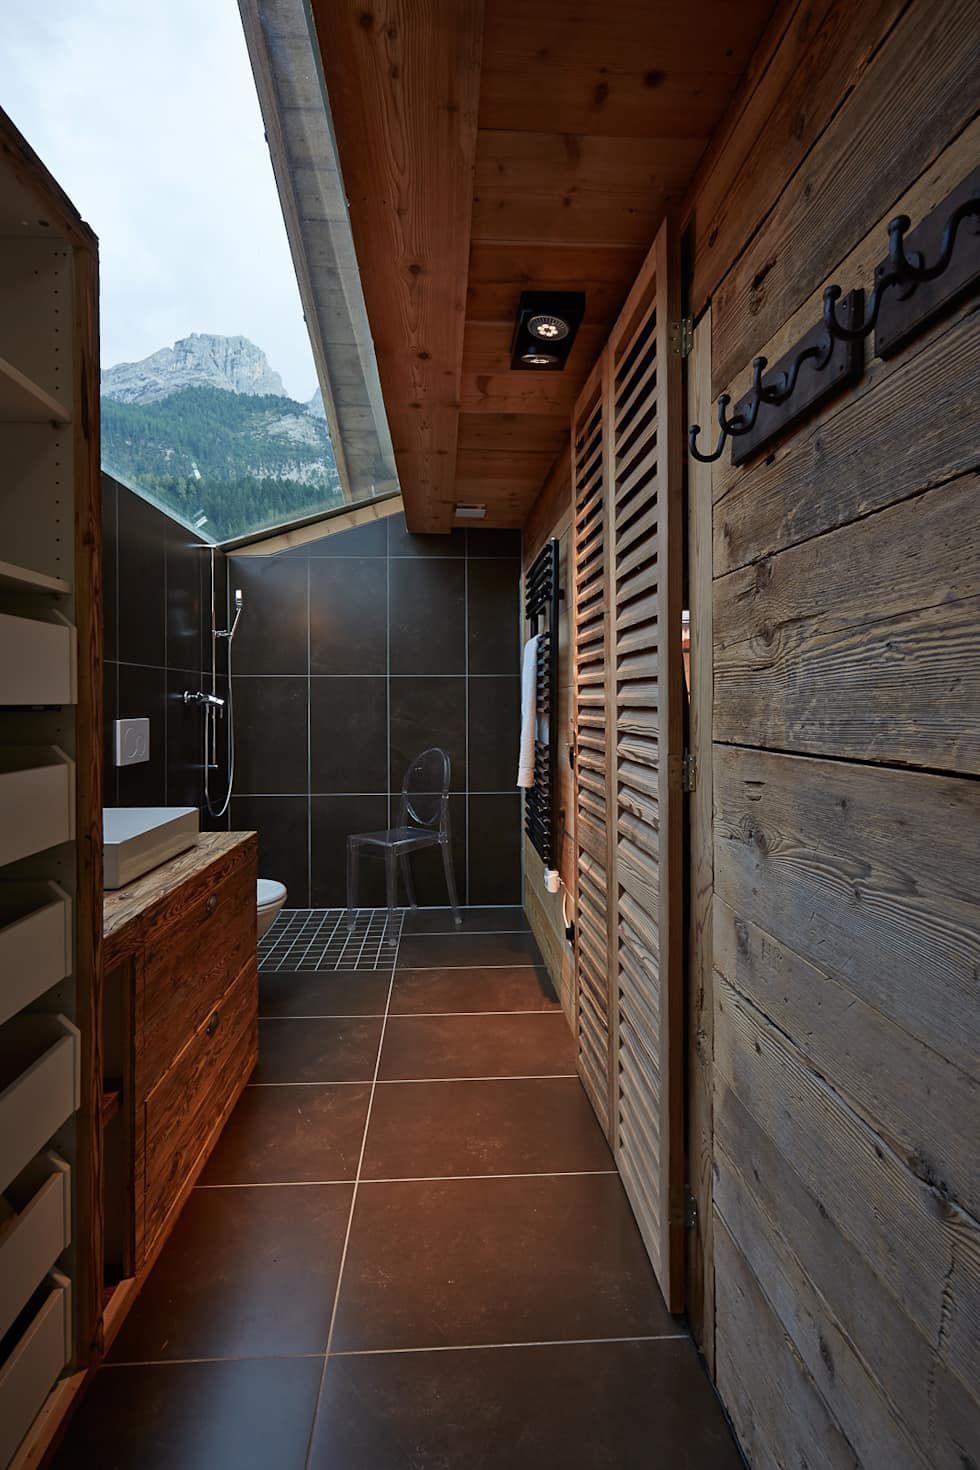 Wohnideen Chalet wohnideen interior design einrichtungsideen bilder chalet design